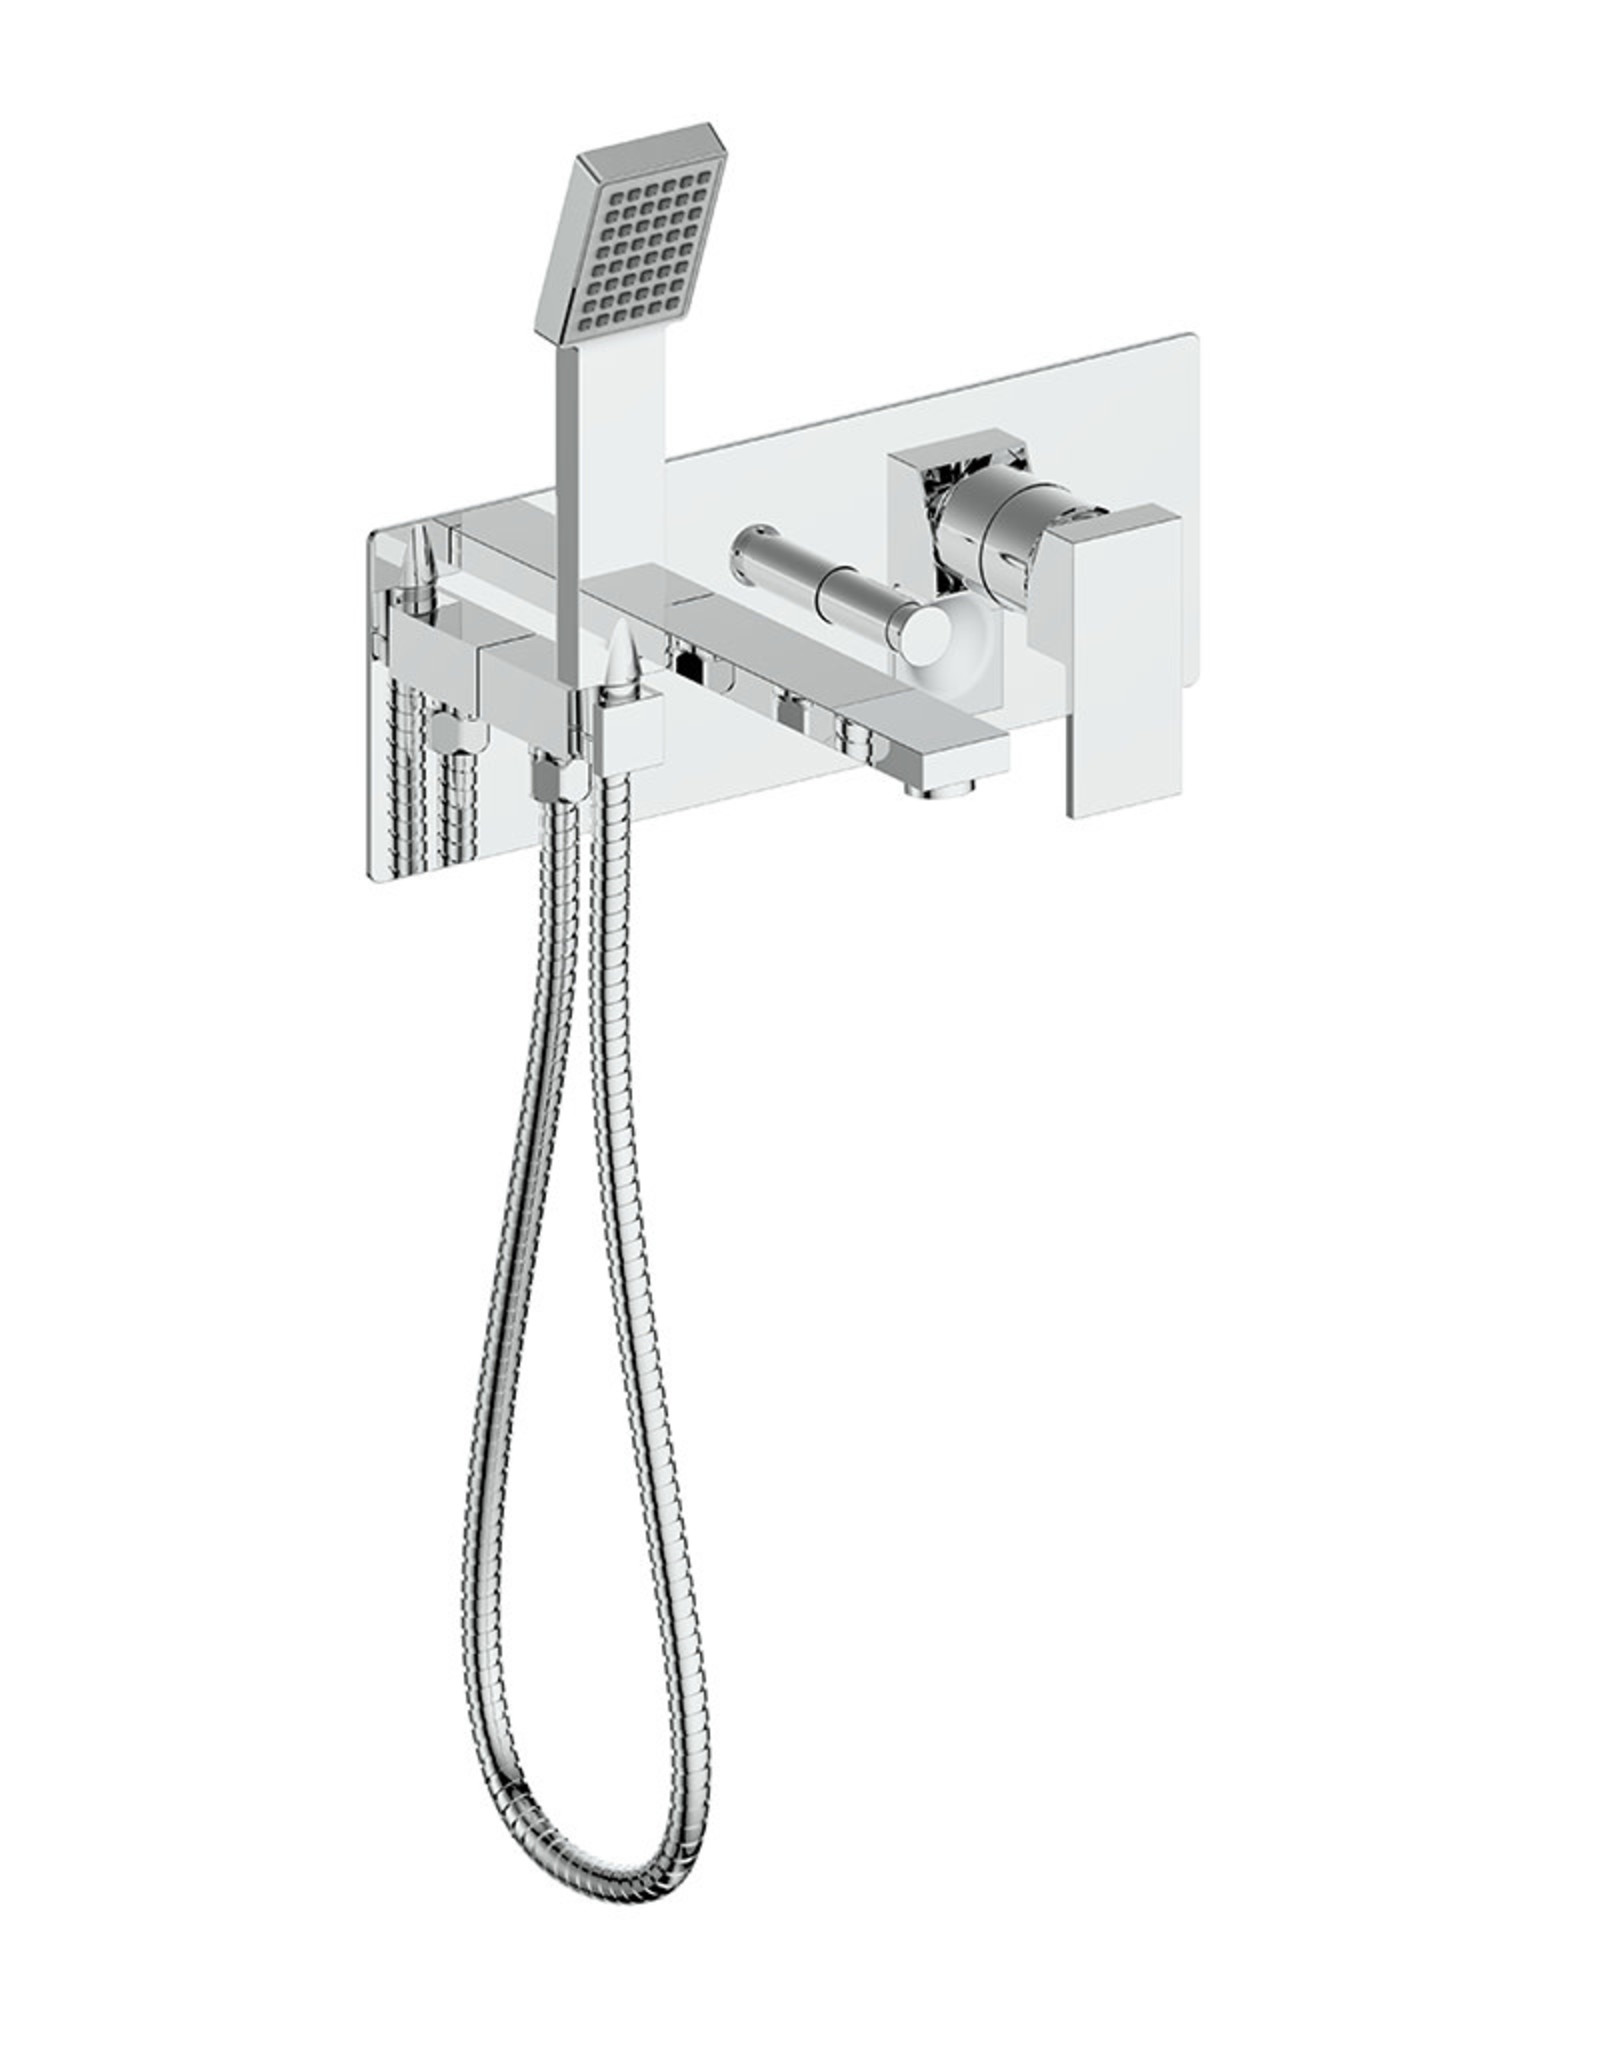 Vogt Kapfenberg- Wall Mounted Tub Filler- Chrome